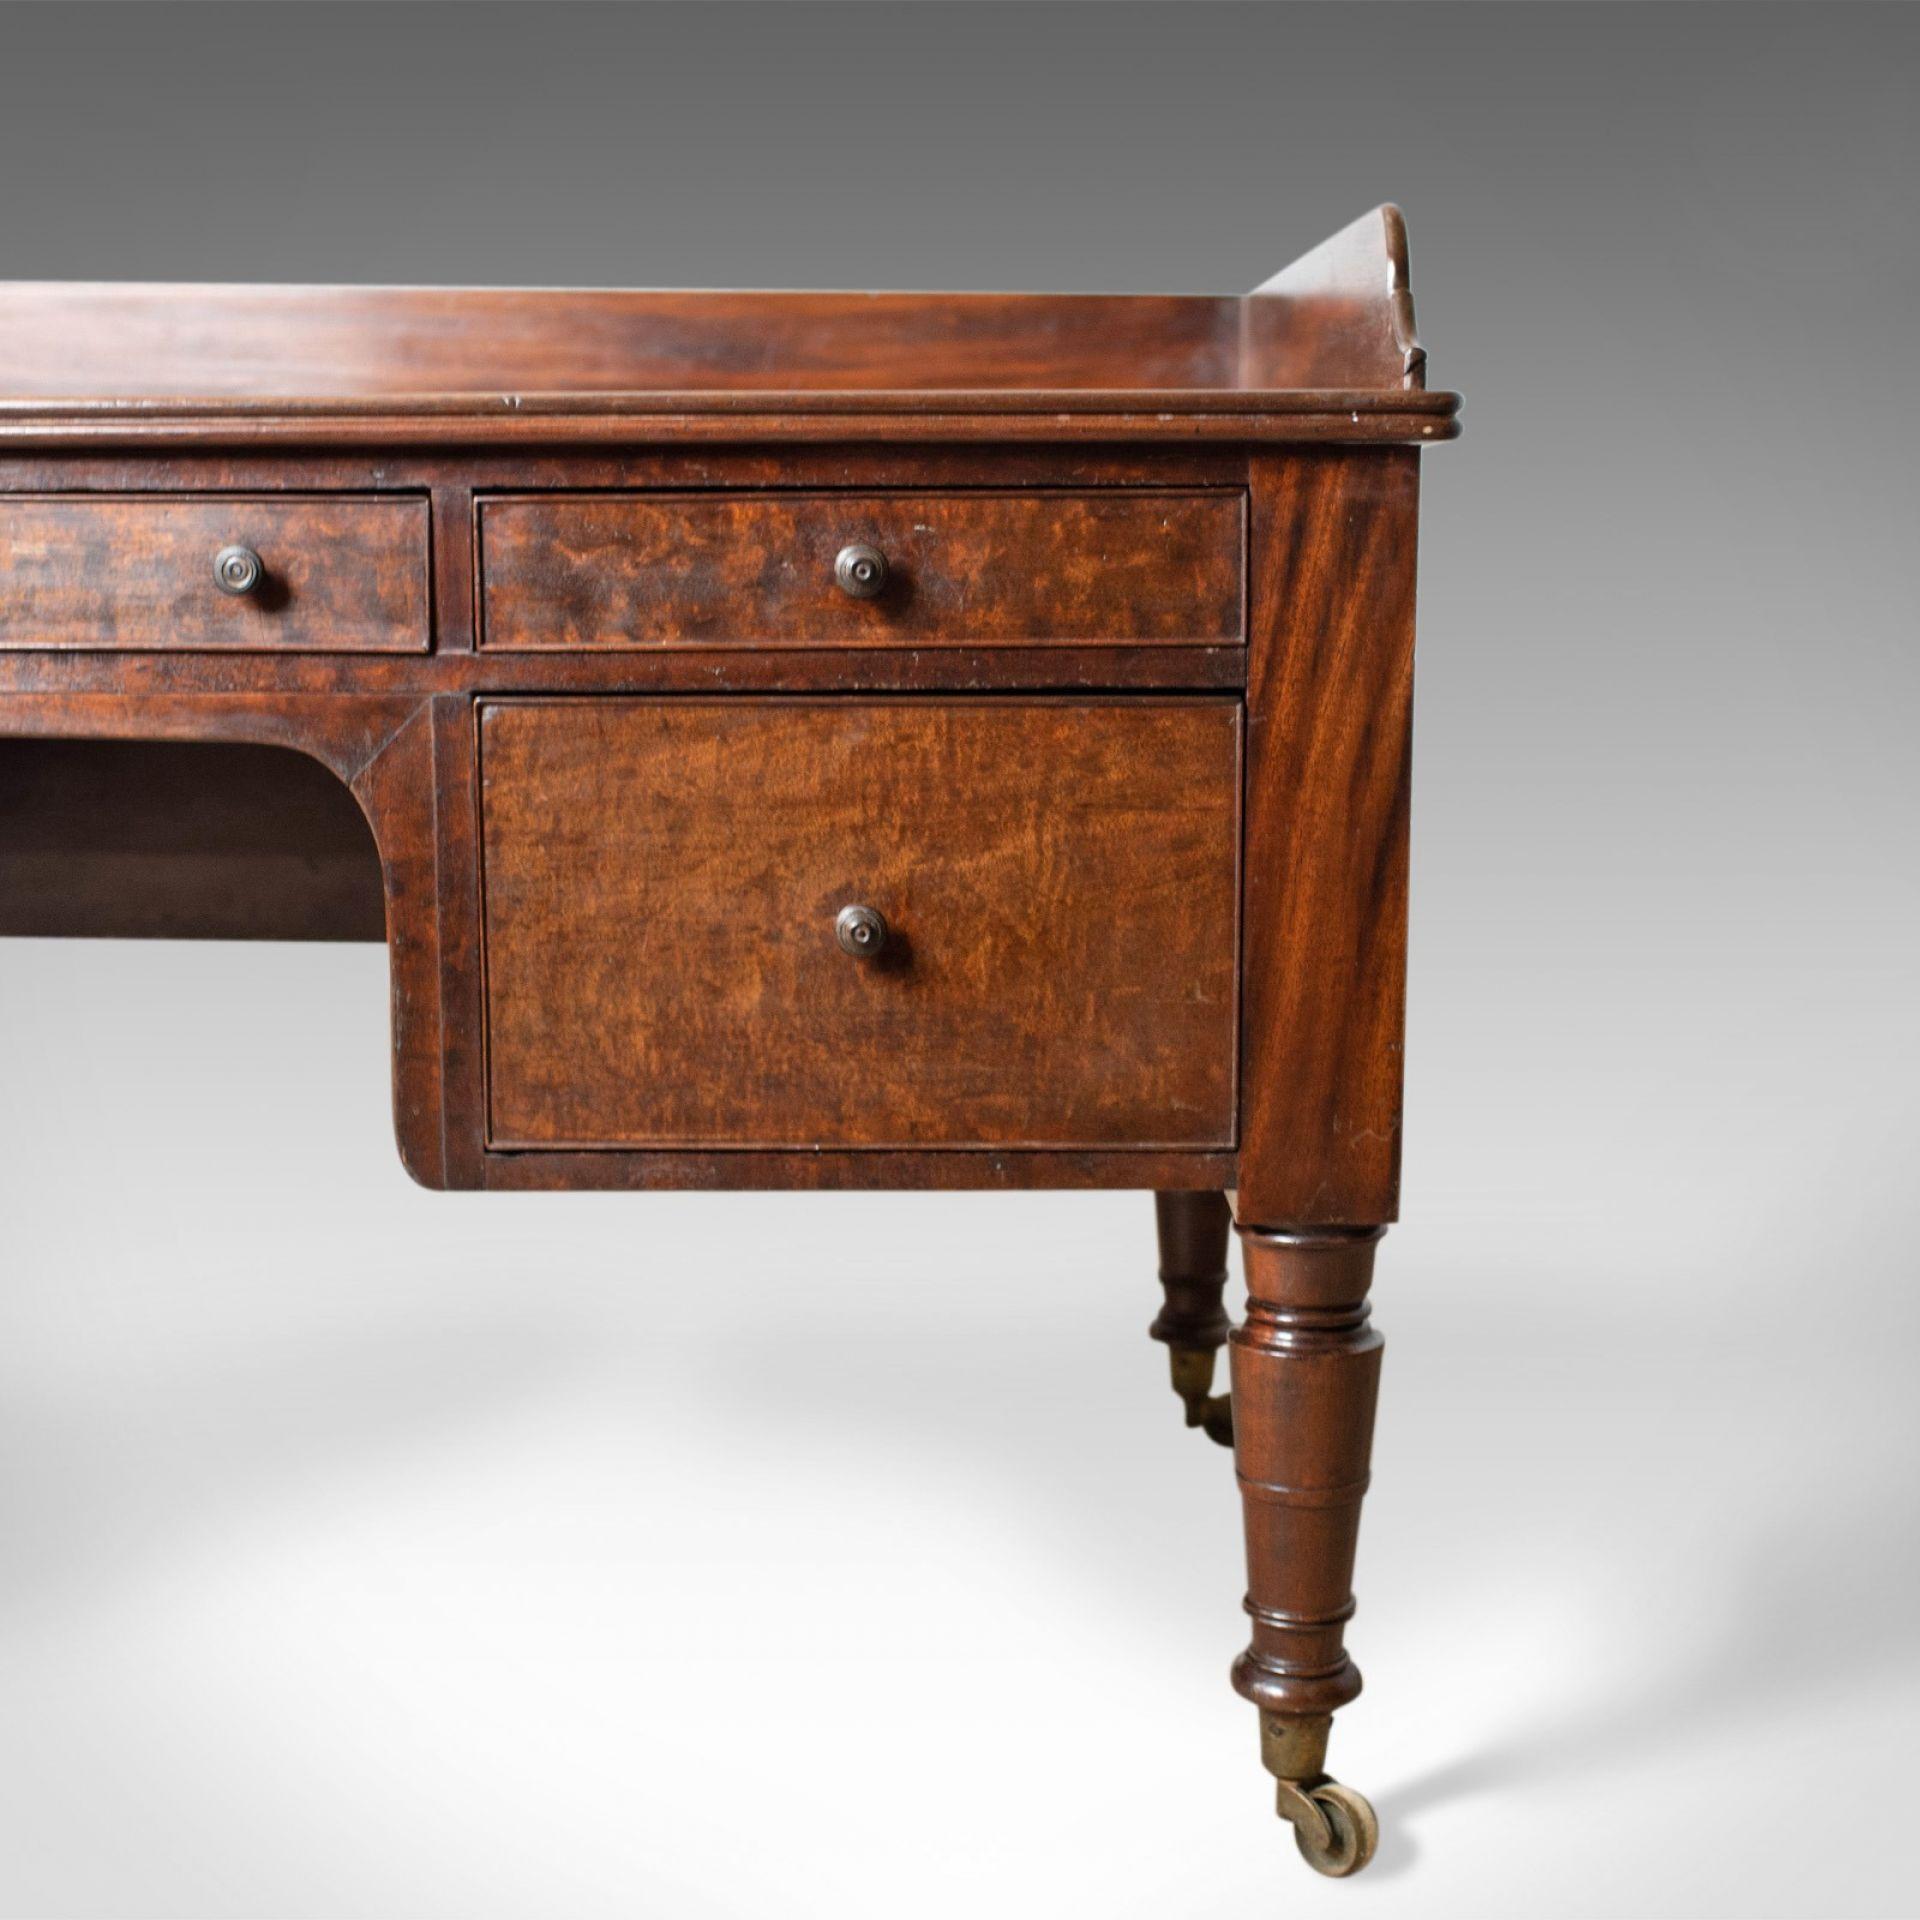 Antique Desk, Large, English, William IV, Mahogany, Kneehole, Circa 1835